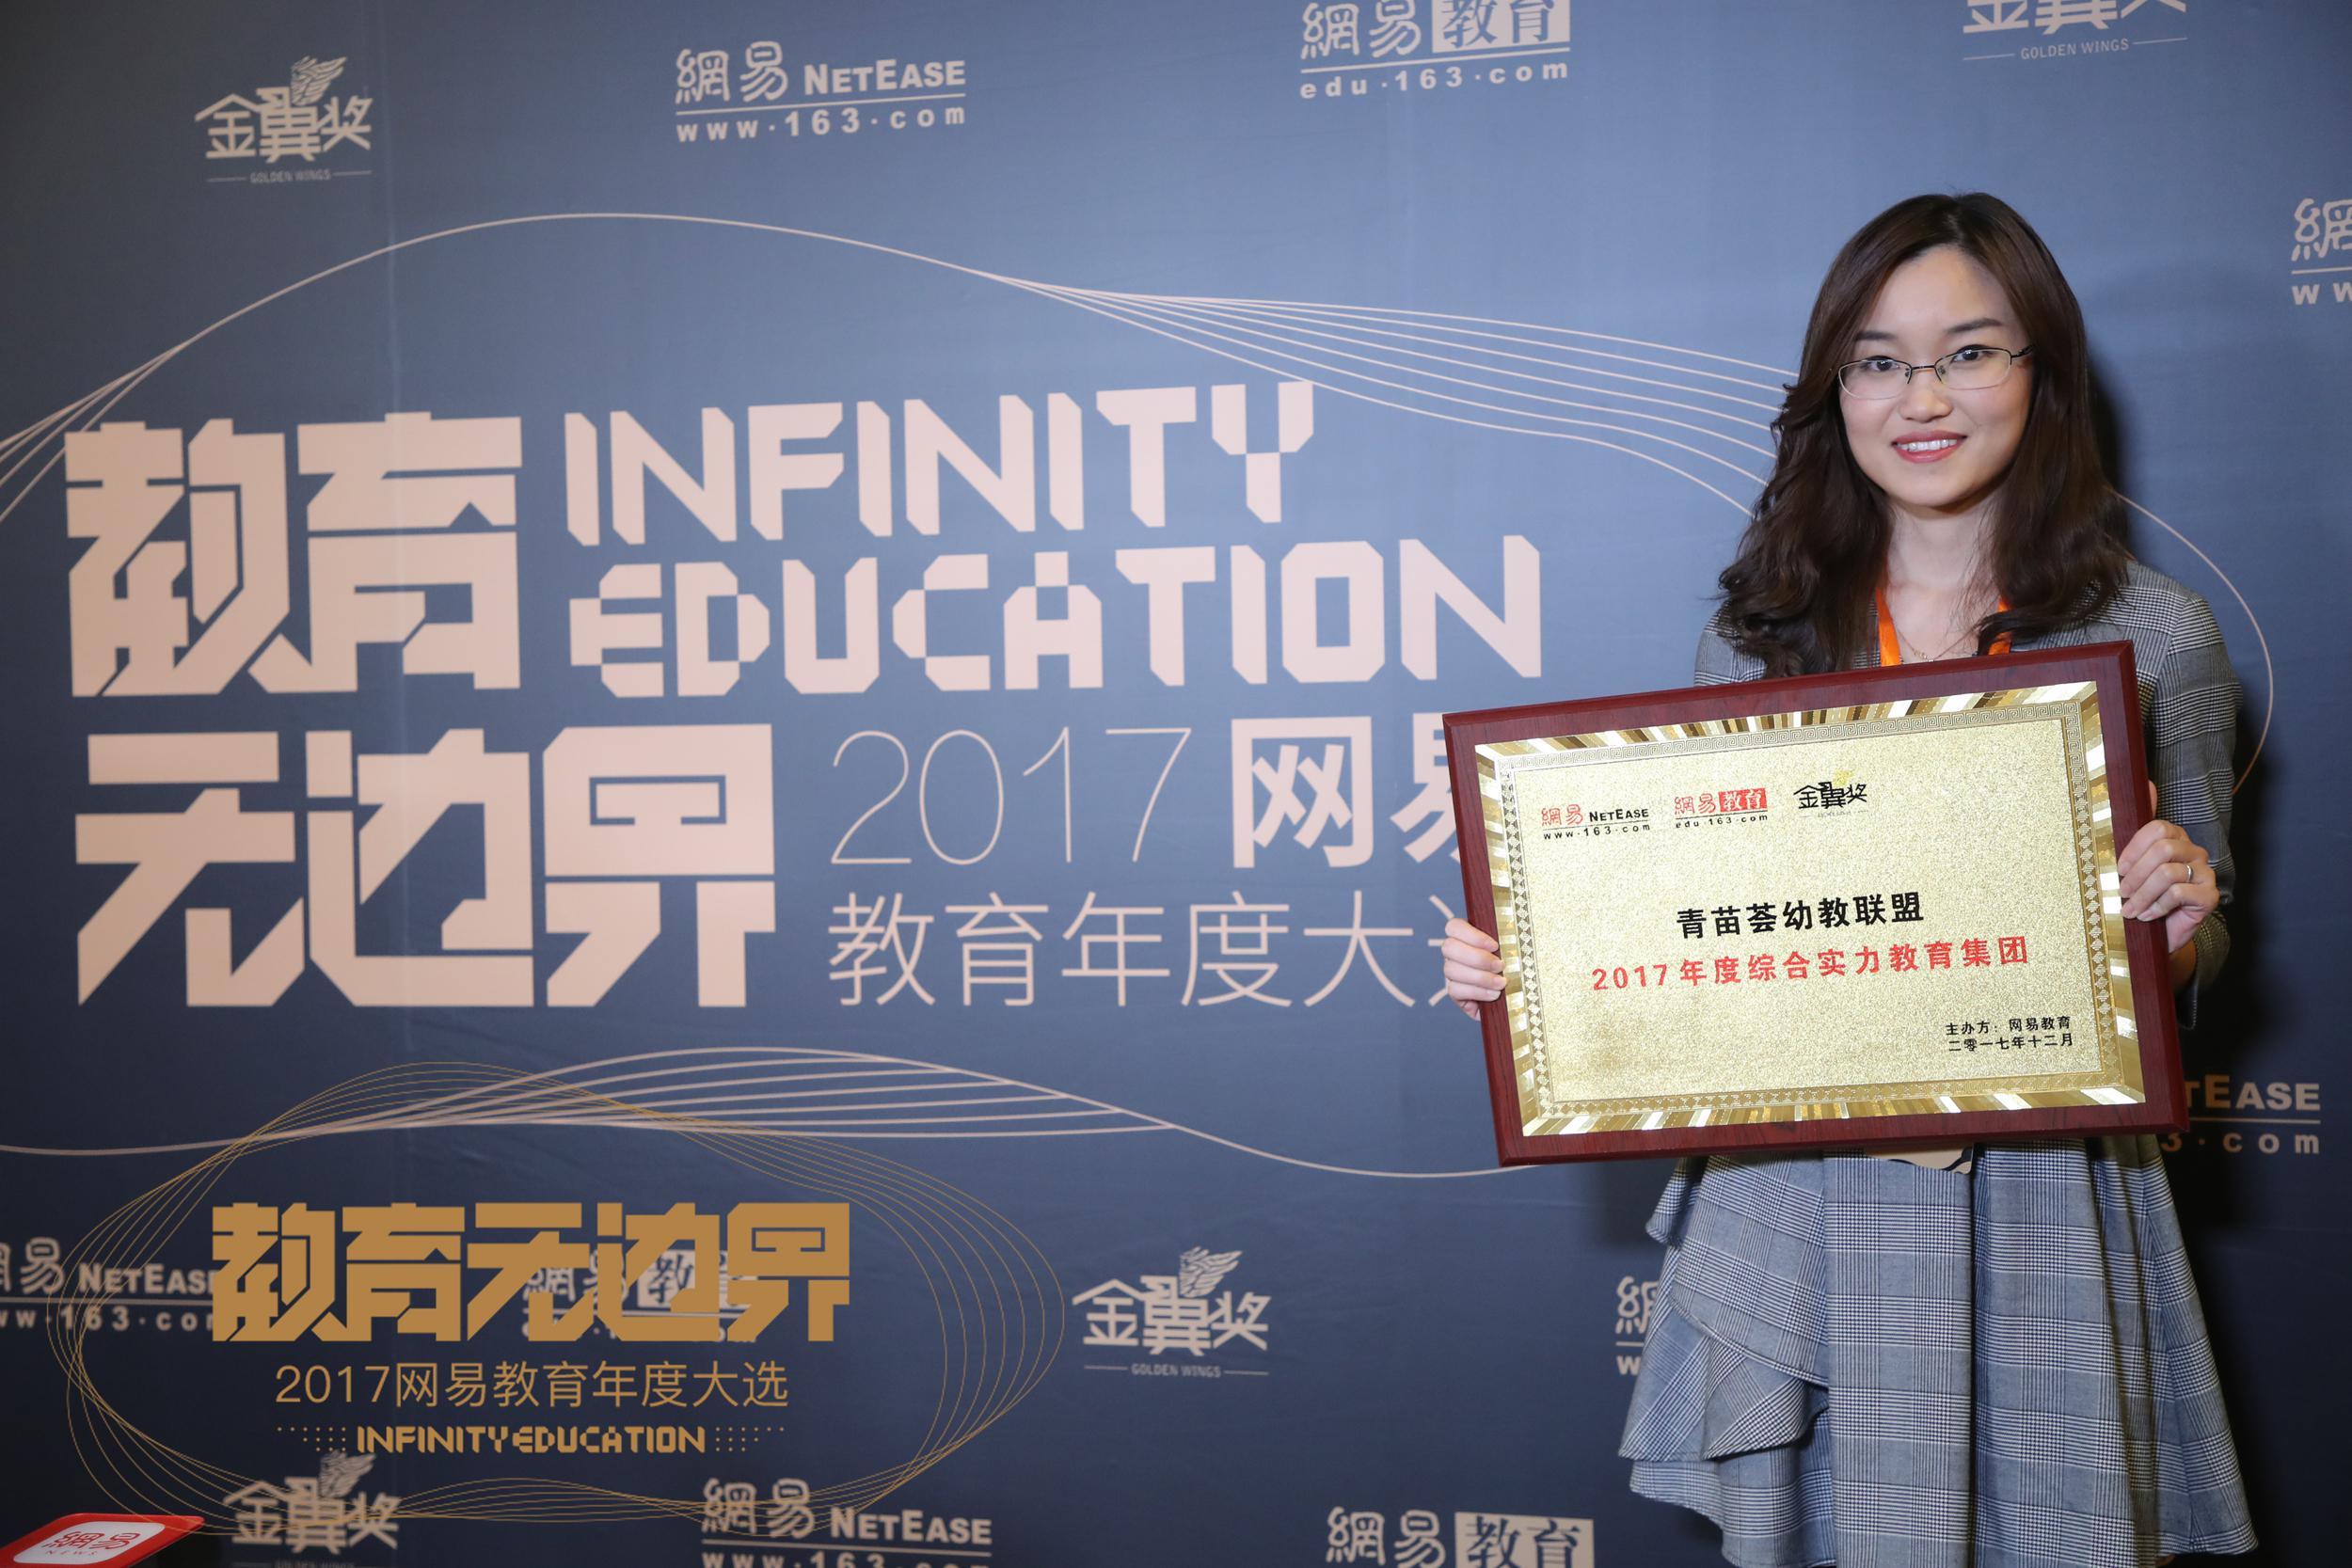 青苗荟幼教联盟CMO蔡一凡:做中国幼教行业的修行者